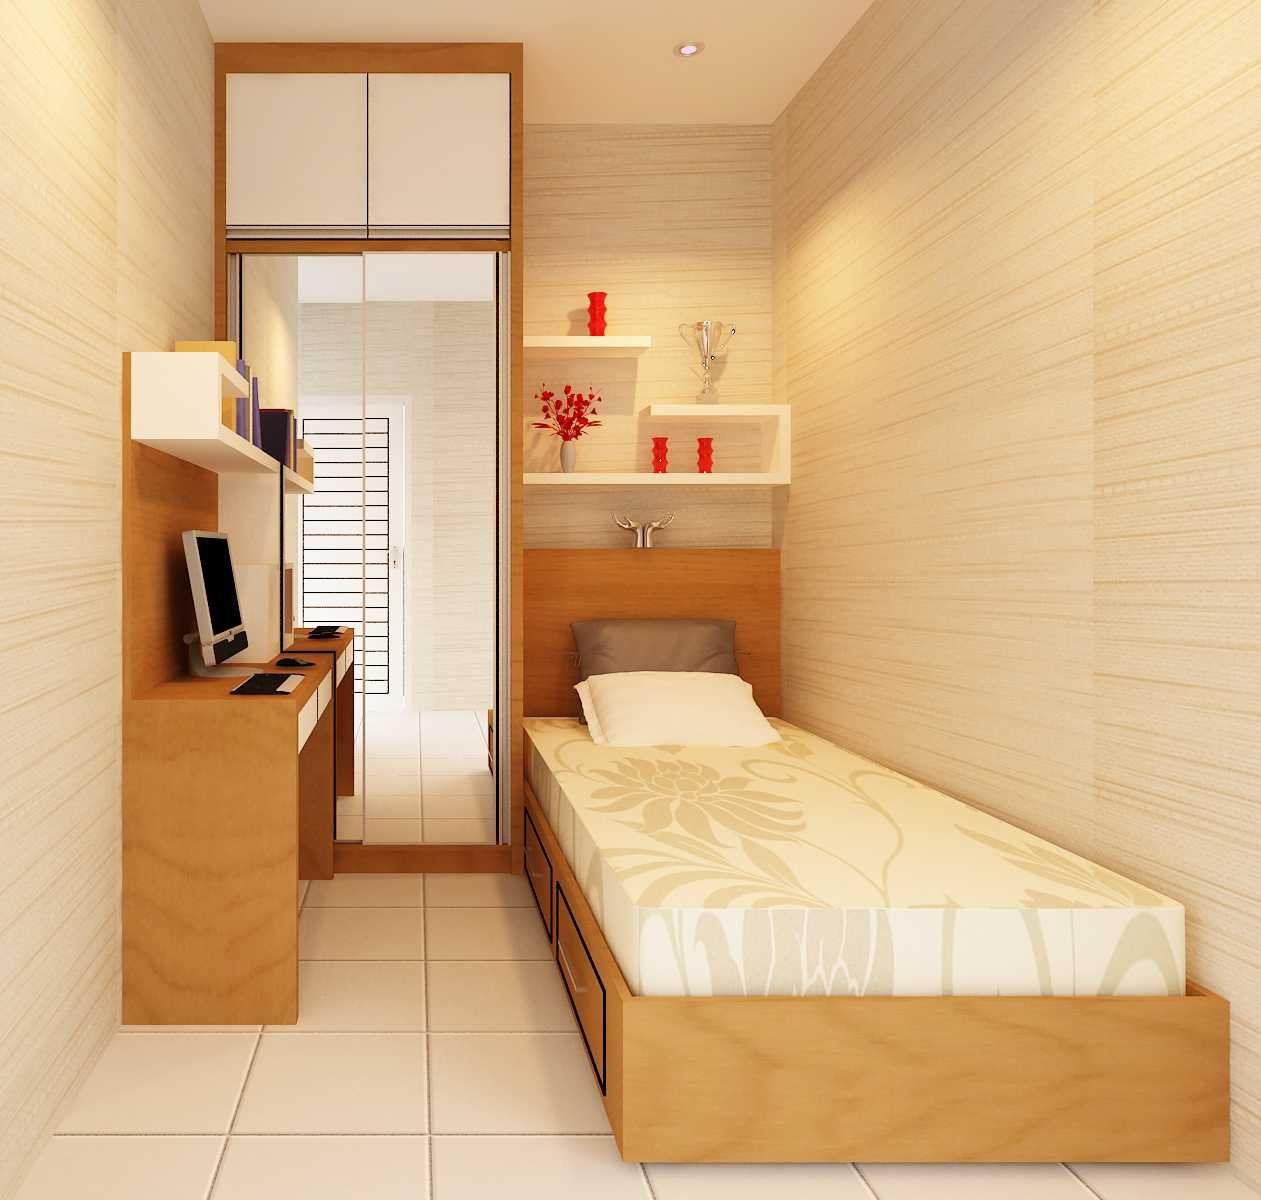 Desain Kamar Tidur Ukuran 3x3 Kayu | Cek Bahan Bangunan